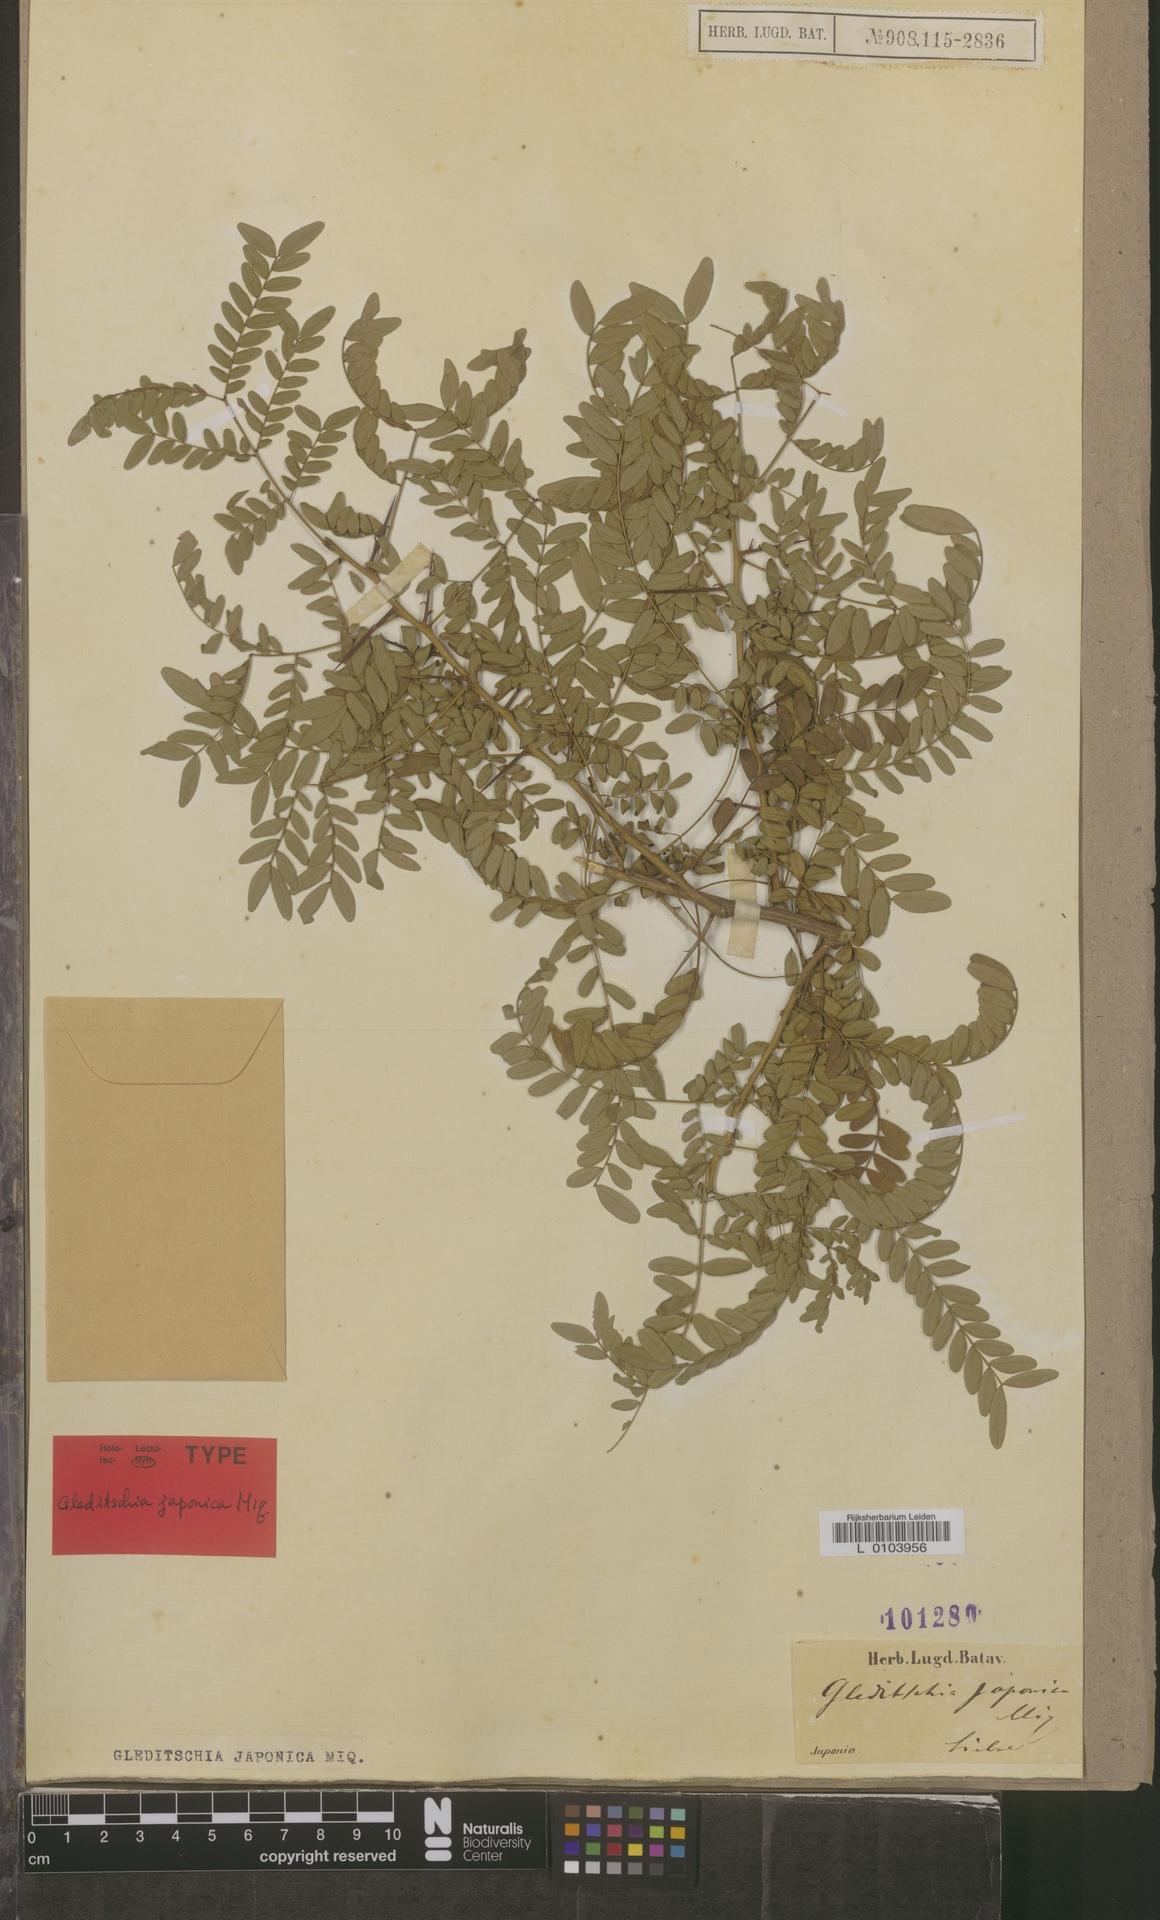 L  0103956 | Gleditsia japonica Miq.